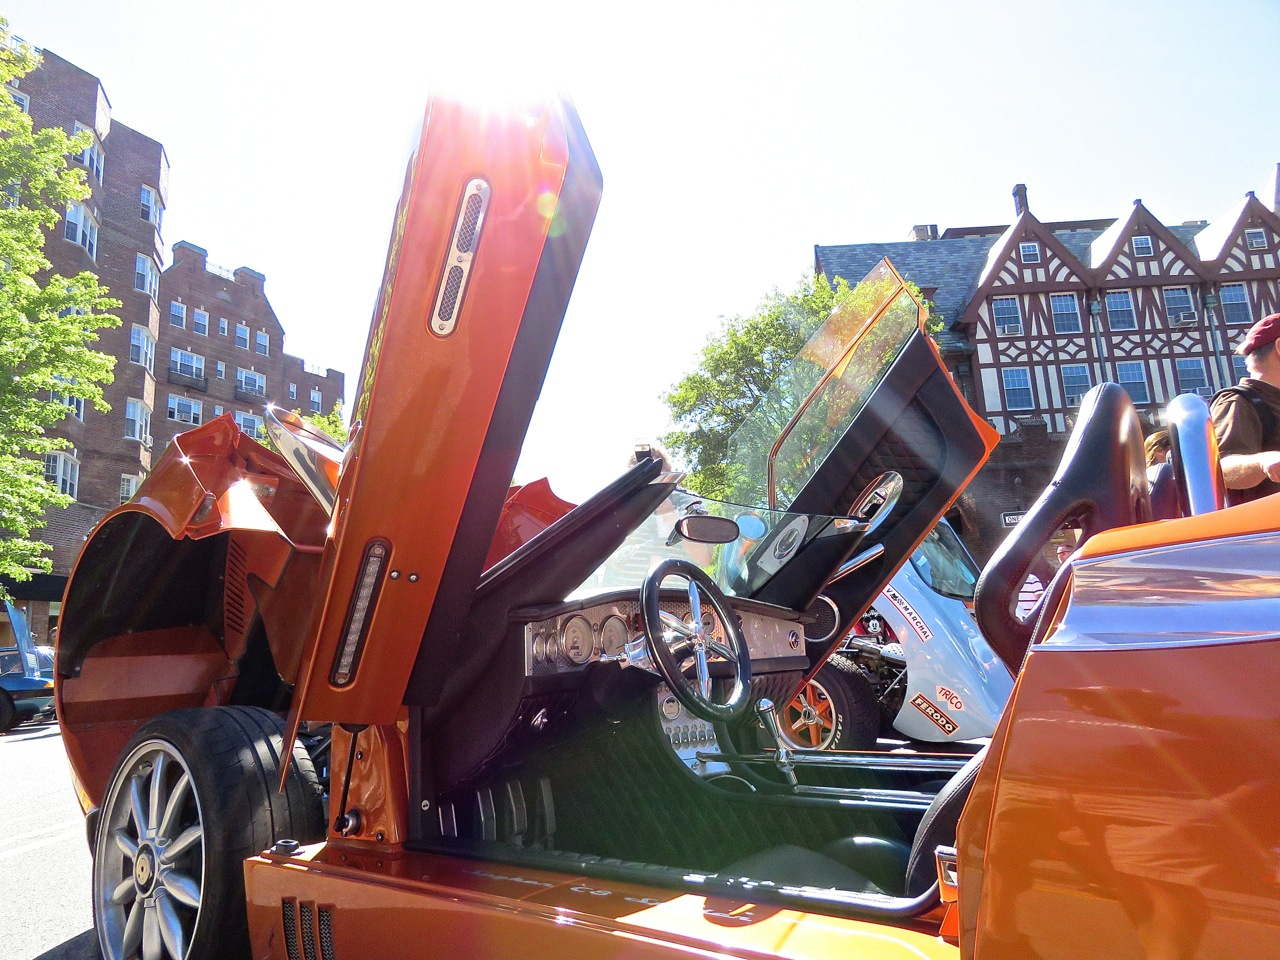 Spyker C8 Spyder Scarsdale 2